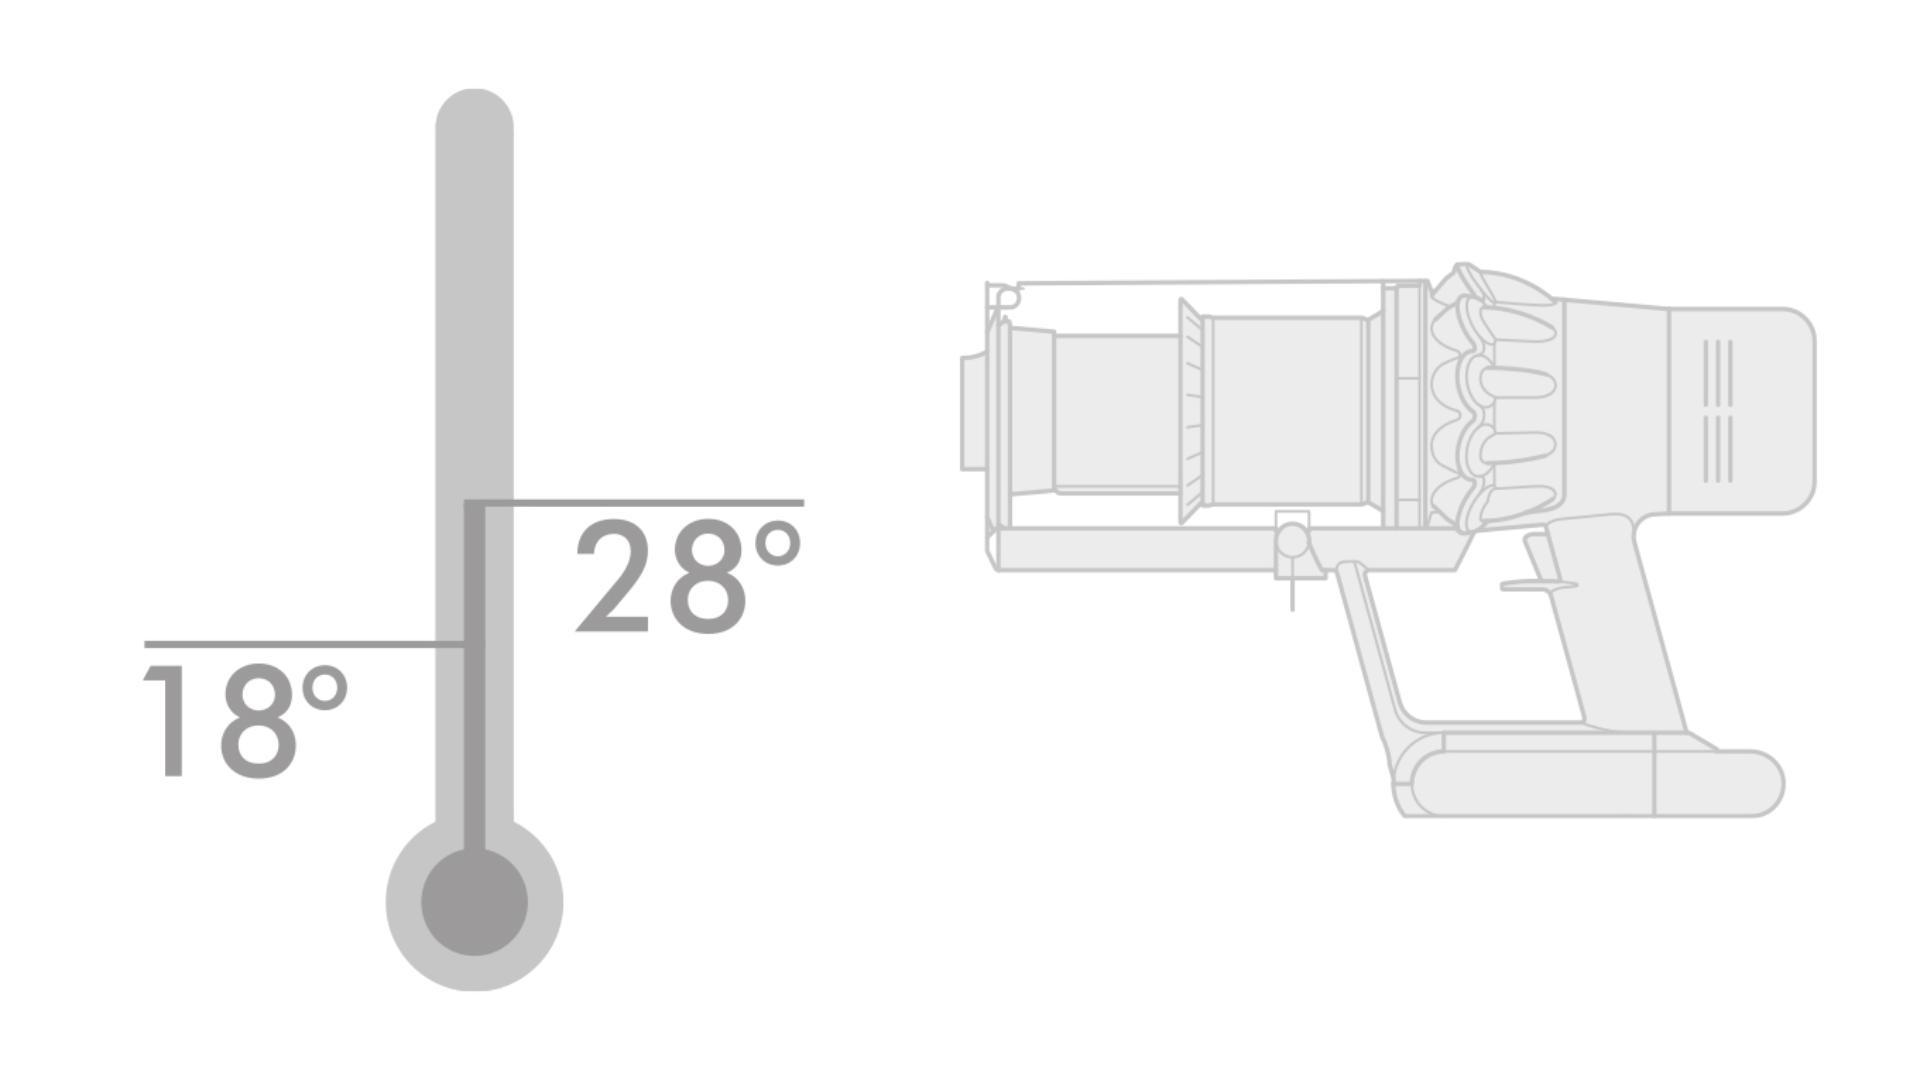 온도계 및 다이슨 무선 청소기 다이어그램